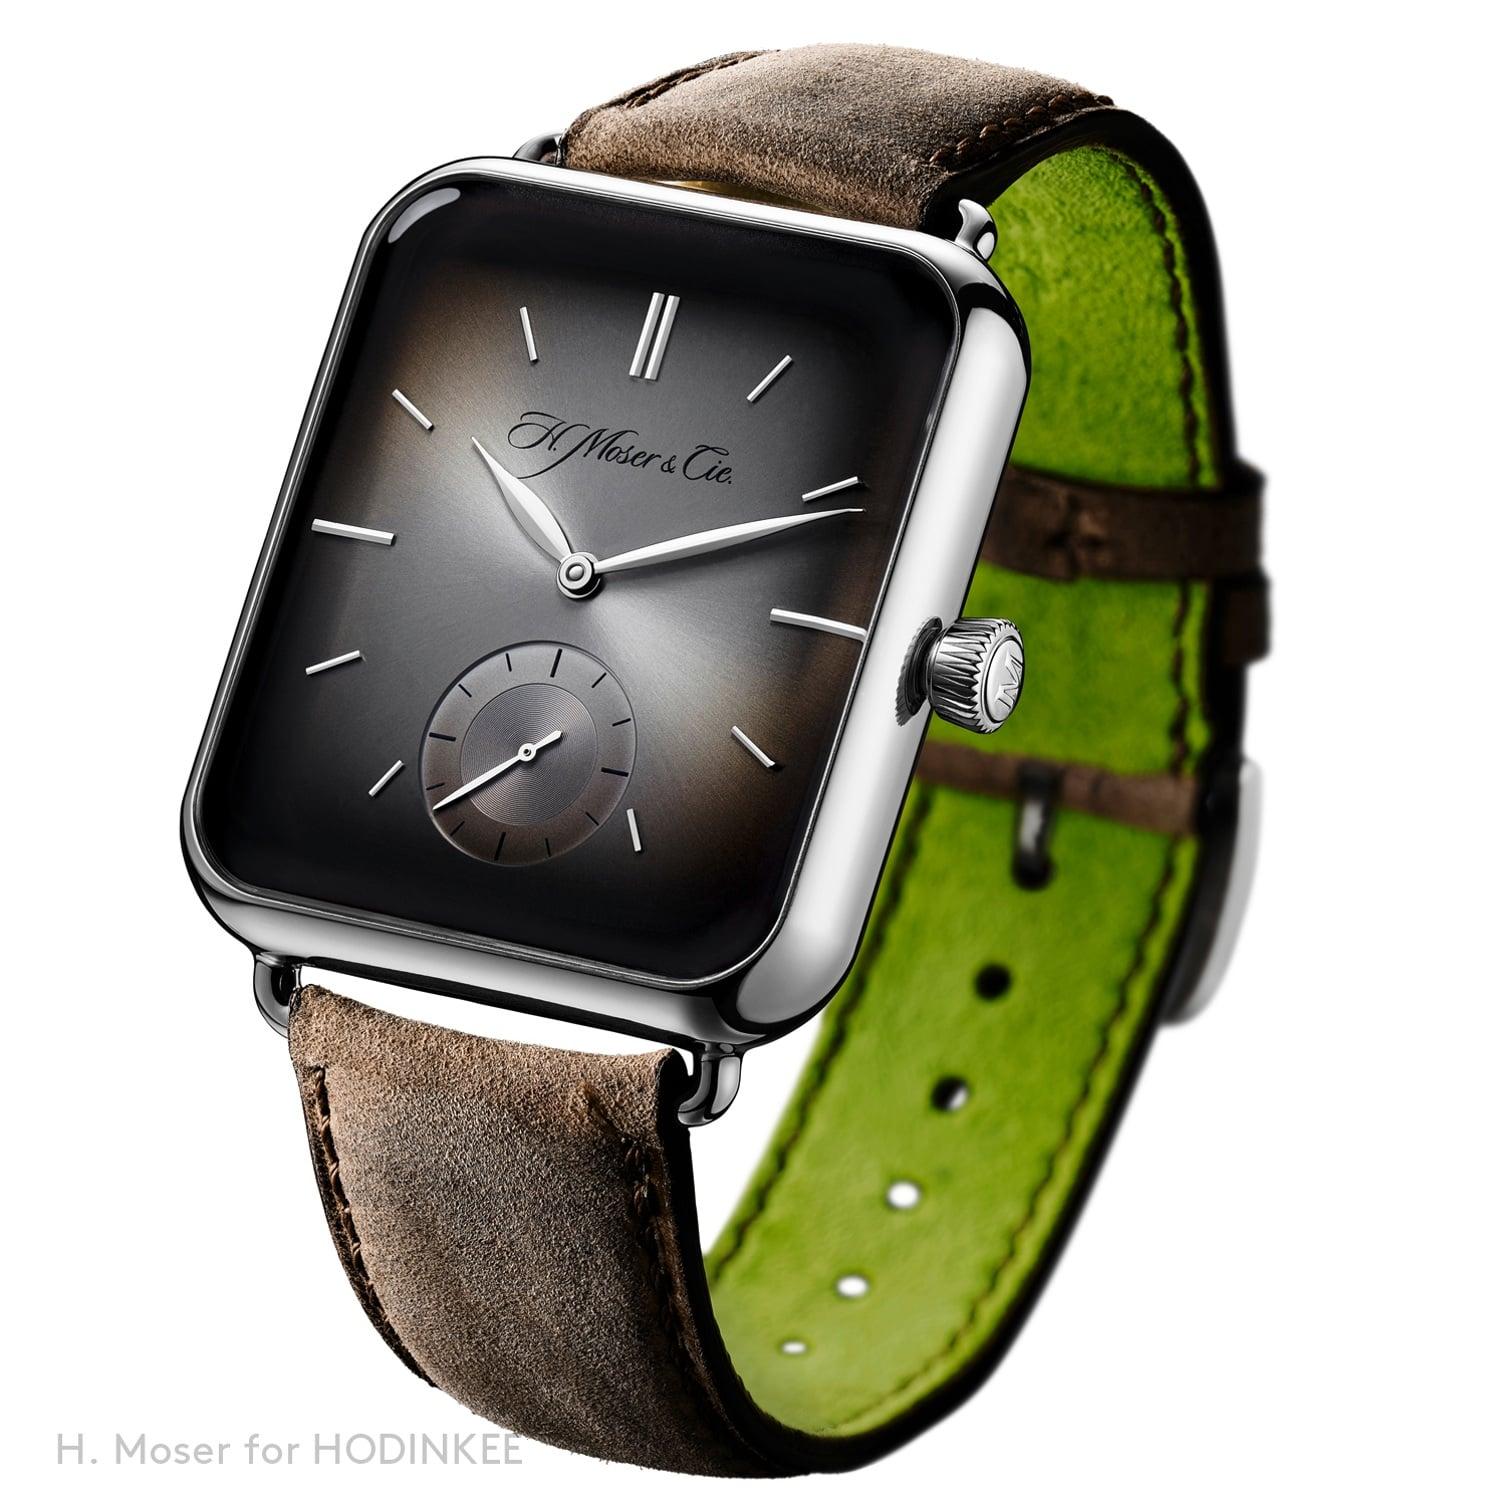 """Alp Watch - analogowa """"kopia"""" Apple Watch za... 25 tysięcy dolarów 17"""